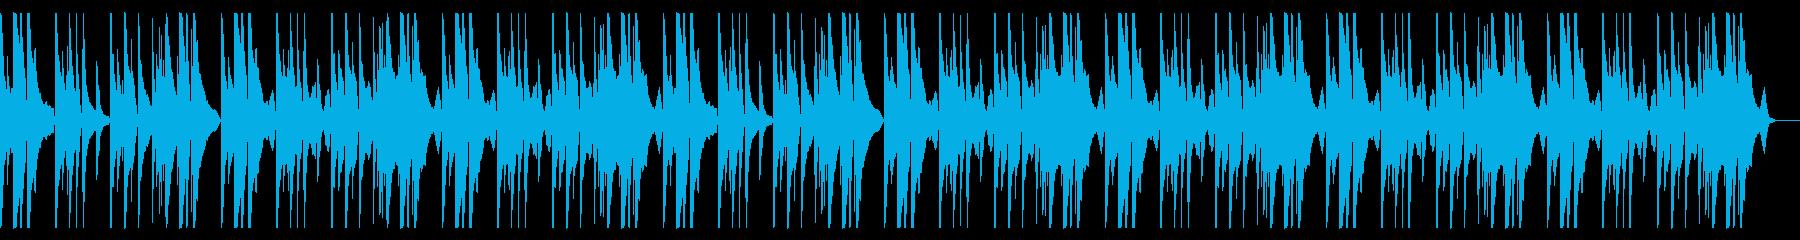 明るく切ないピアノメインのBGMcの再生済みの波形